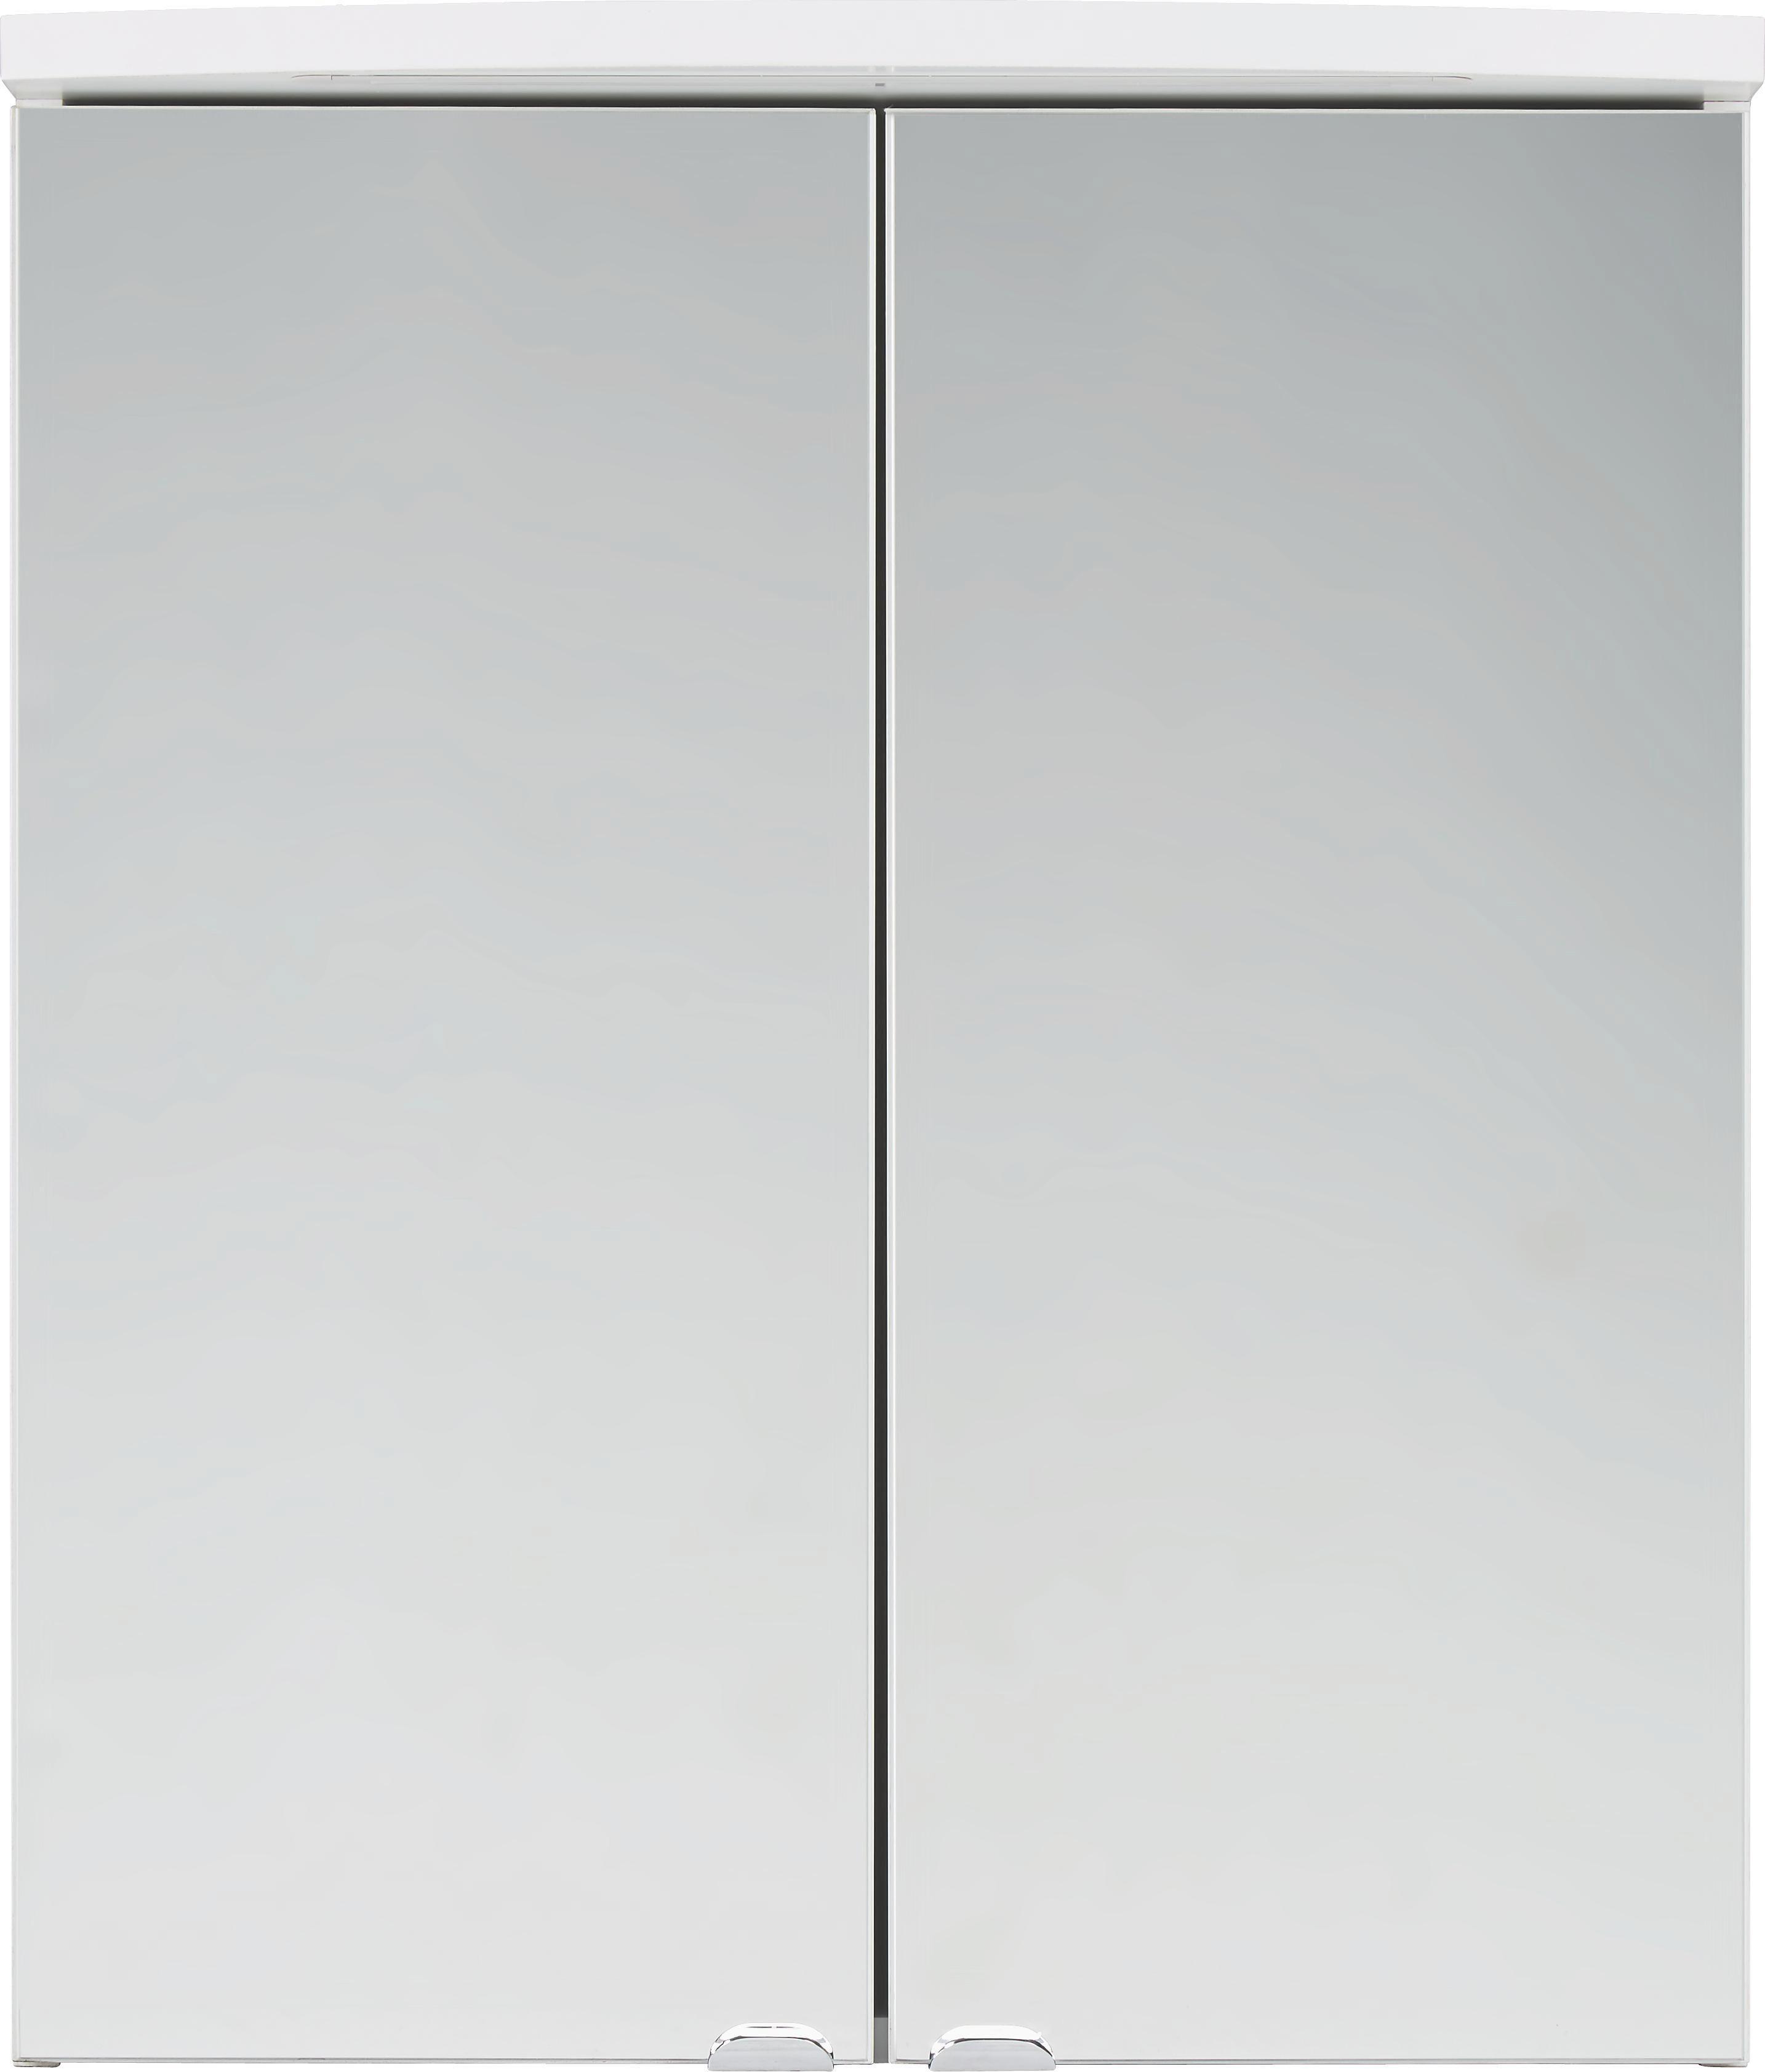 Spiegelschrank in Weiß aus Holz online kaufen ➤ mömax | {Spiegelschrank holz weiß 34}